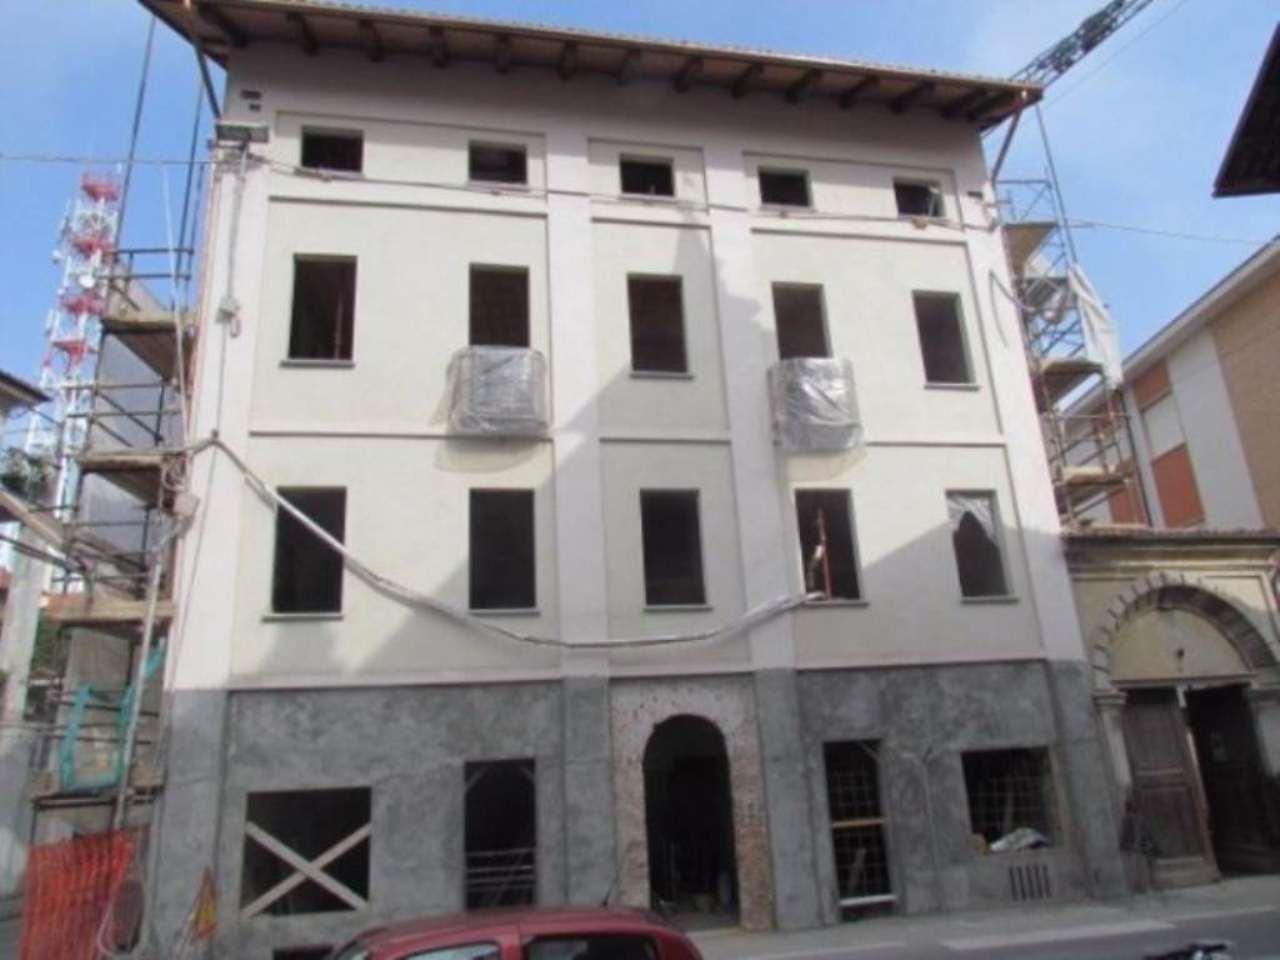 Negozio / Locale in vendita a Savigliano, 2 locali, Trattative riservate | Cambio Casa.it